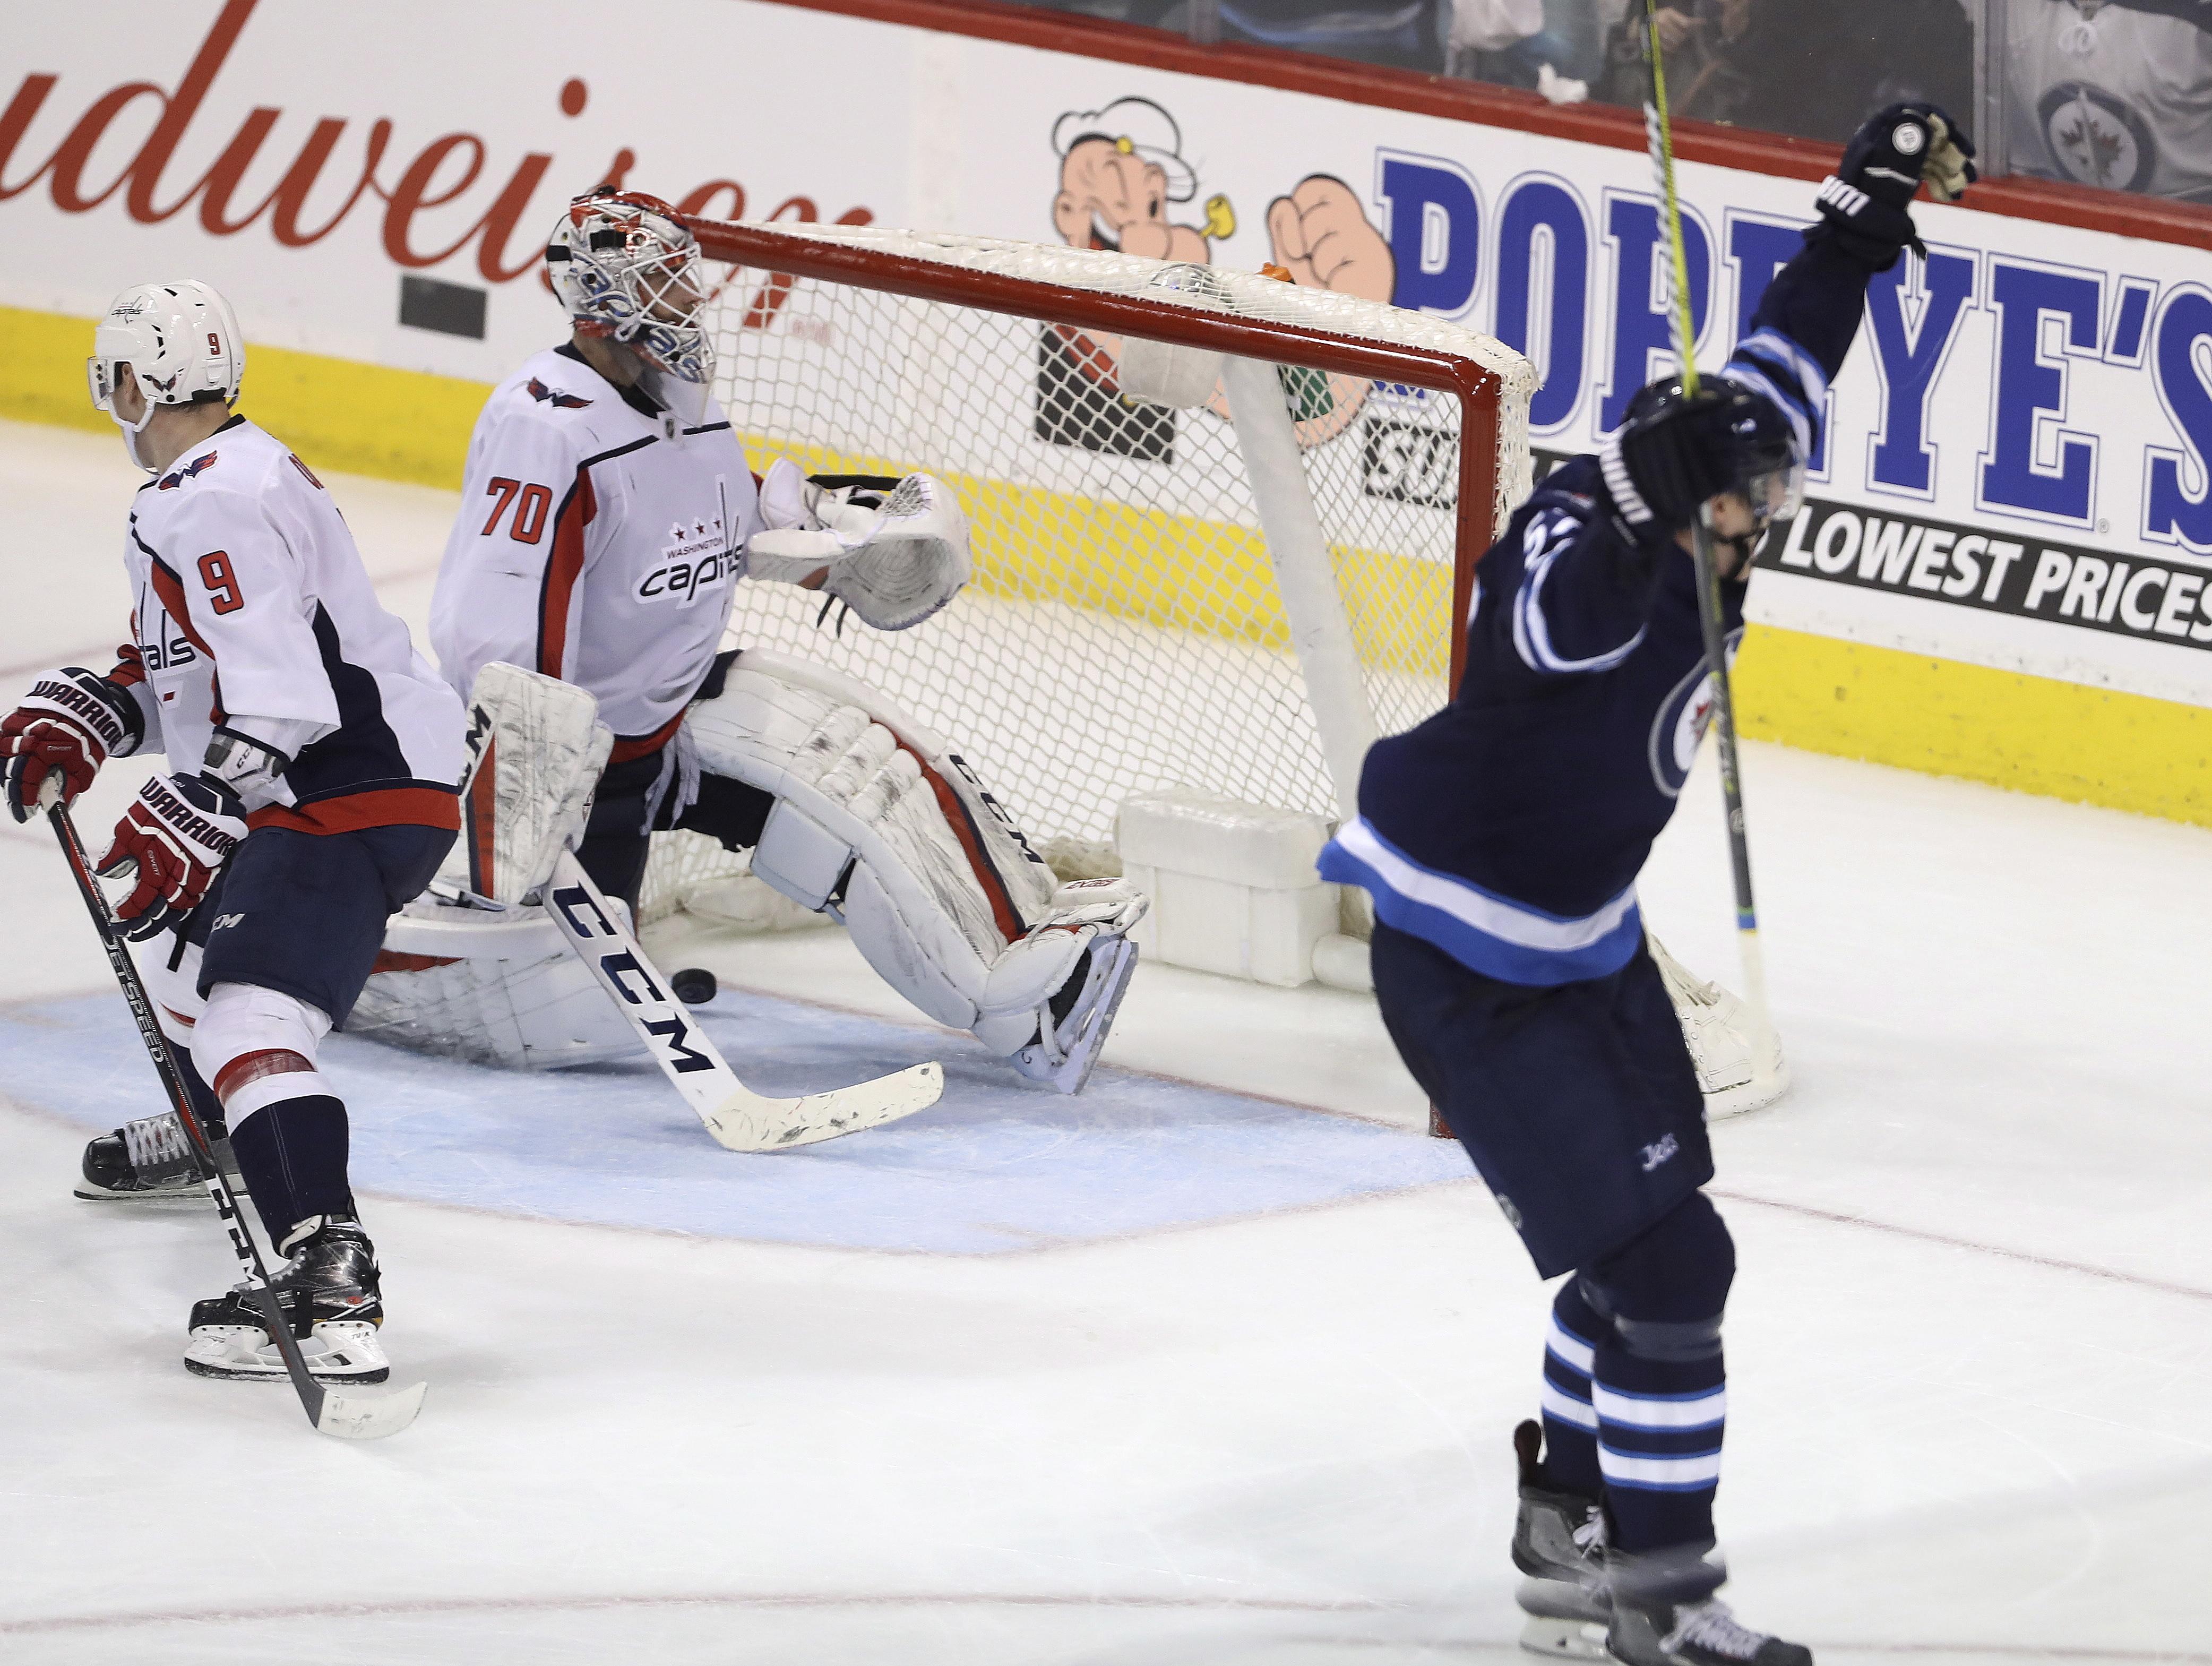 Capitals_jets_hockey_72171